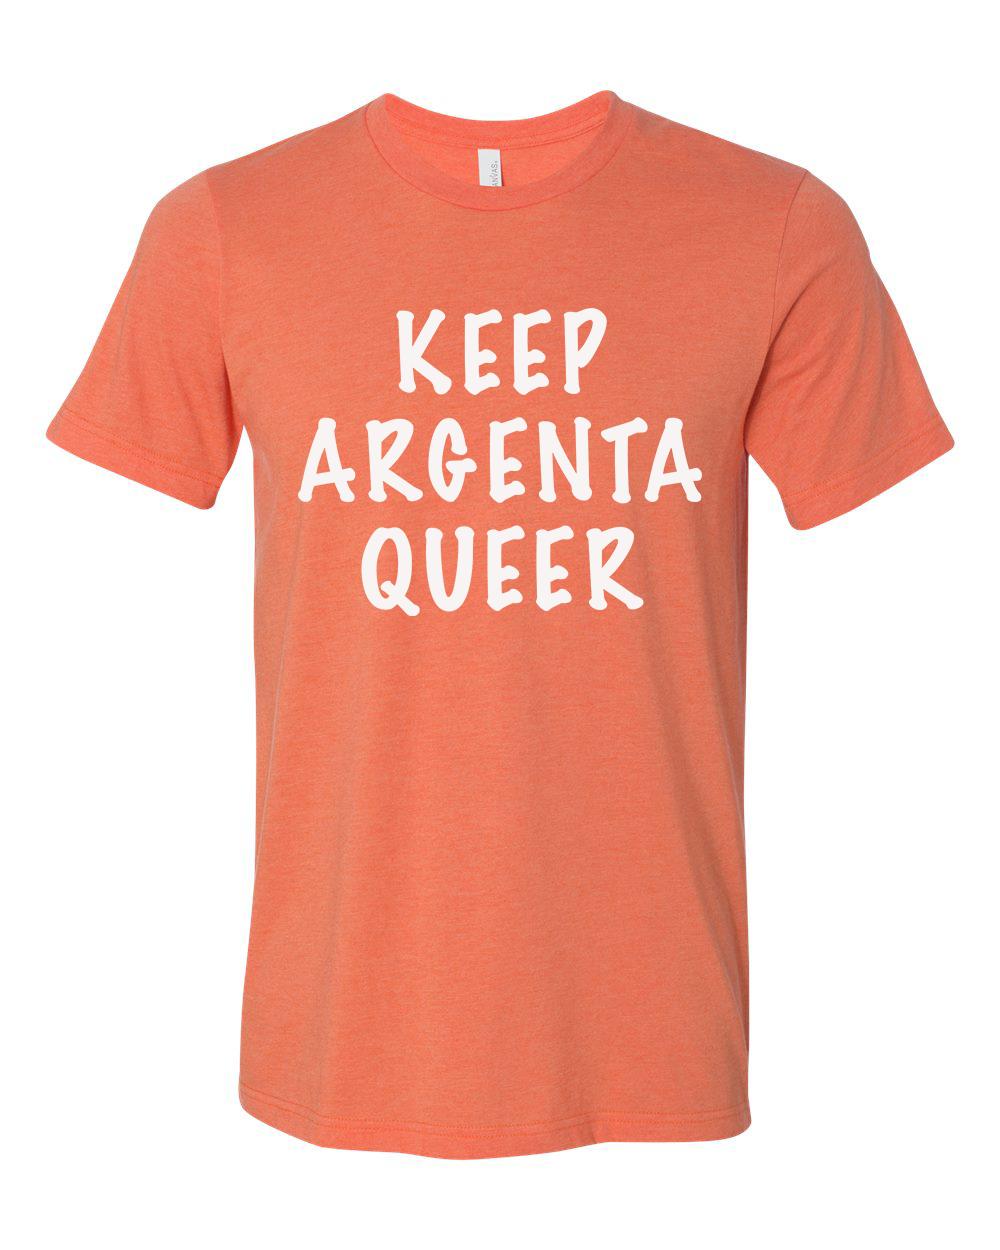 Keep Arkansas Queer (Orange)